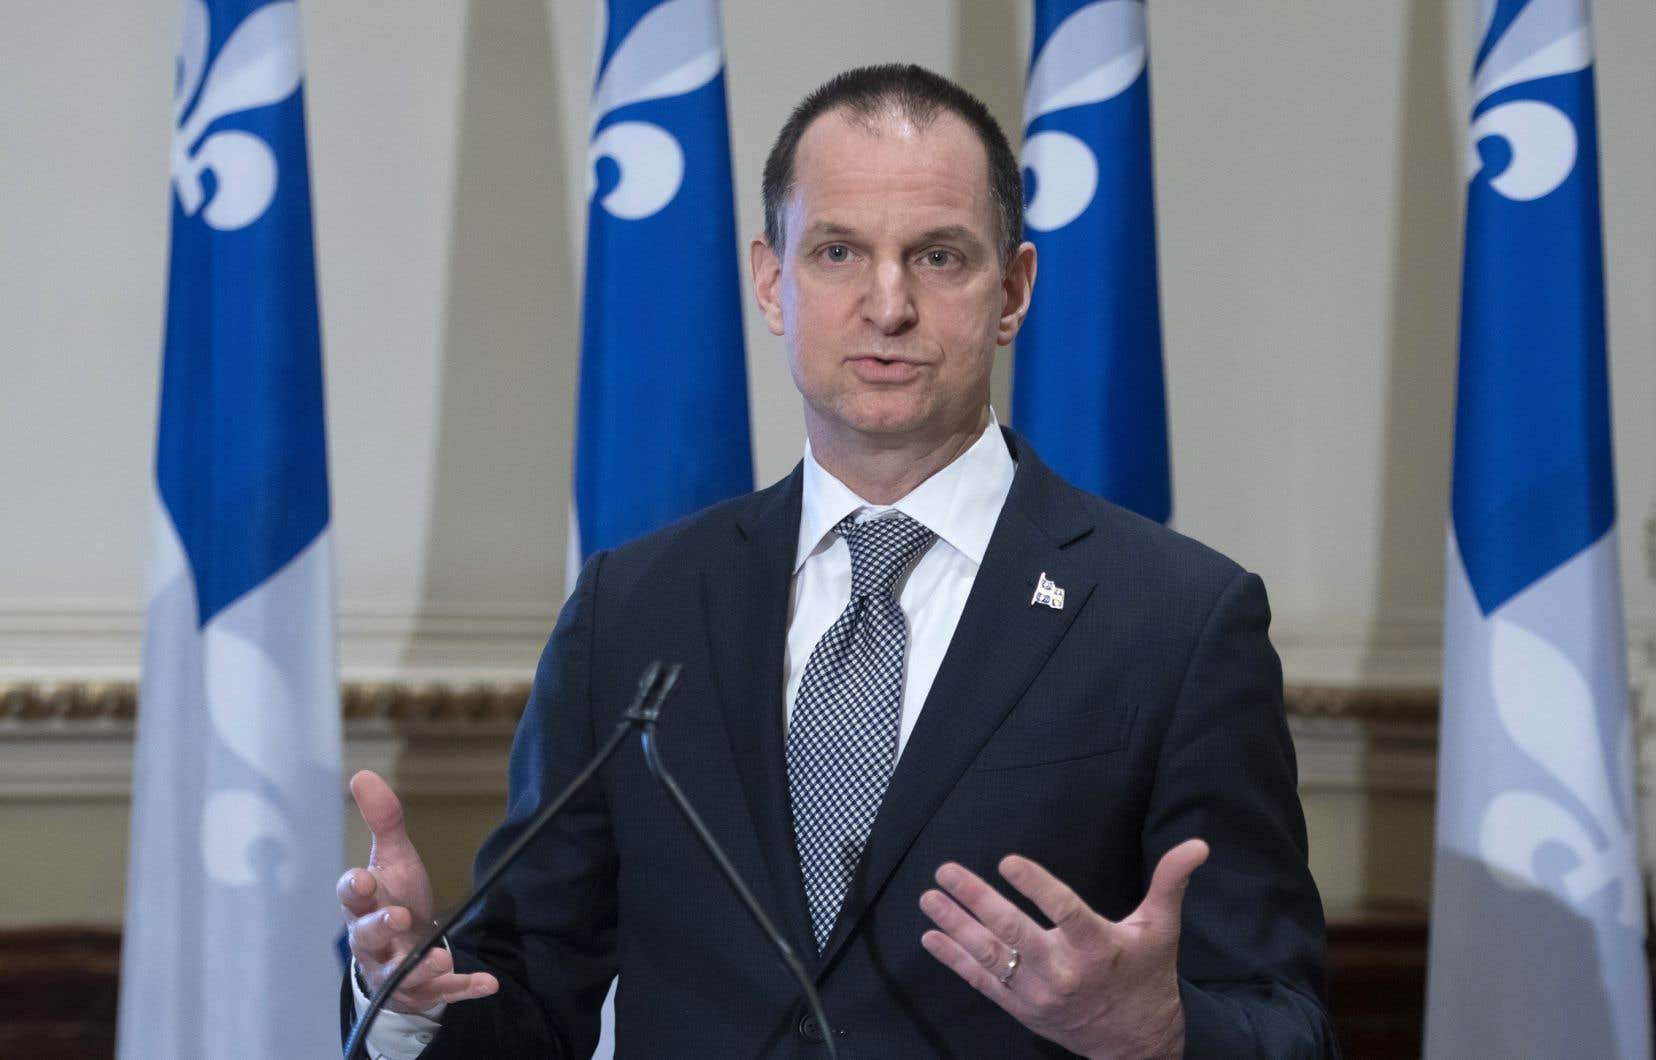 Le ministre des Finances du Québec, Eric Girard, présentera son nouveau budget la semaine prochaine.